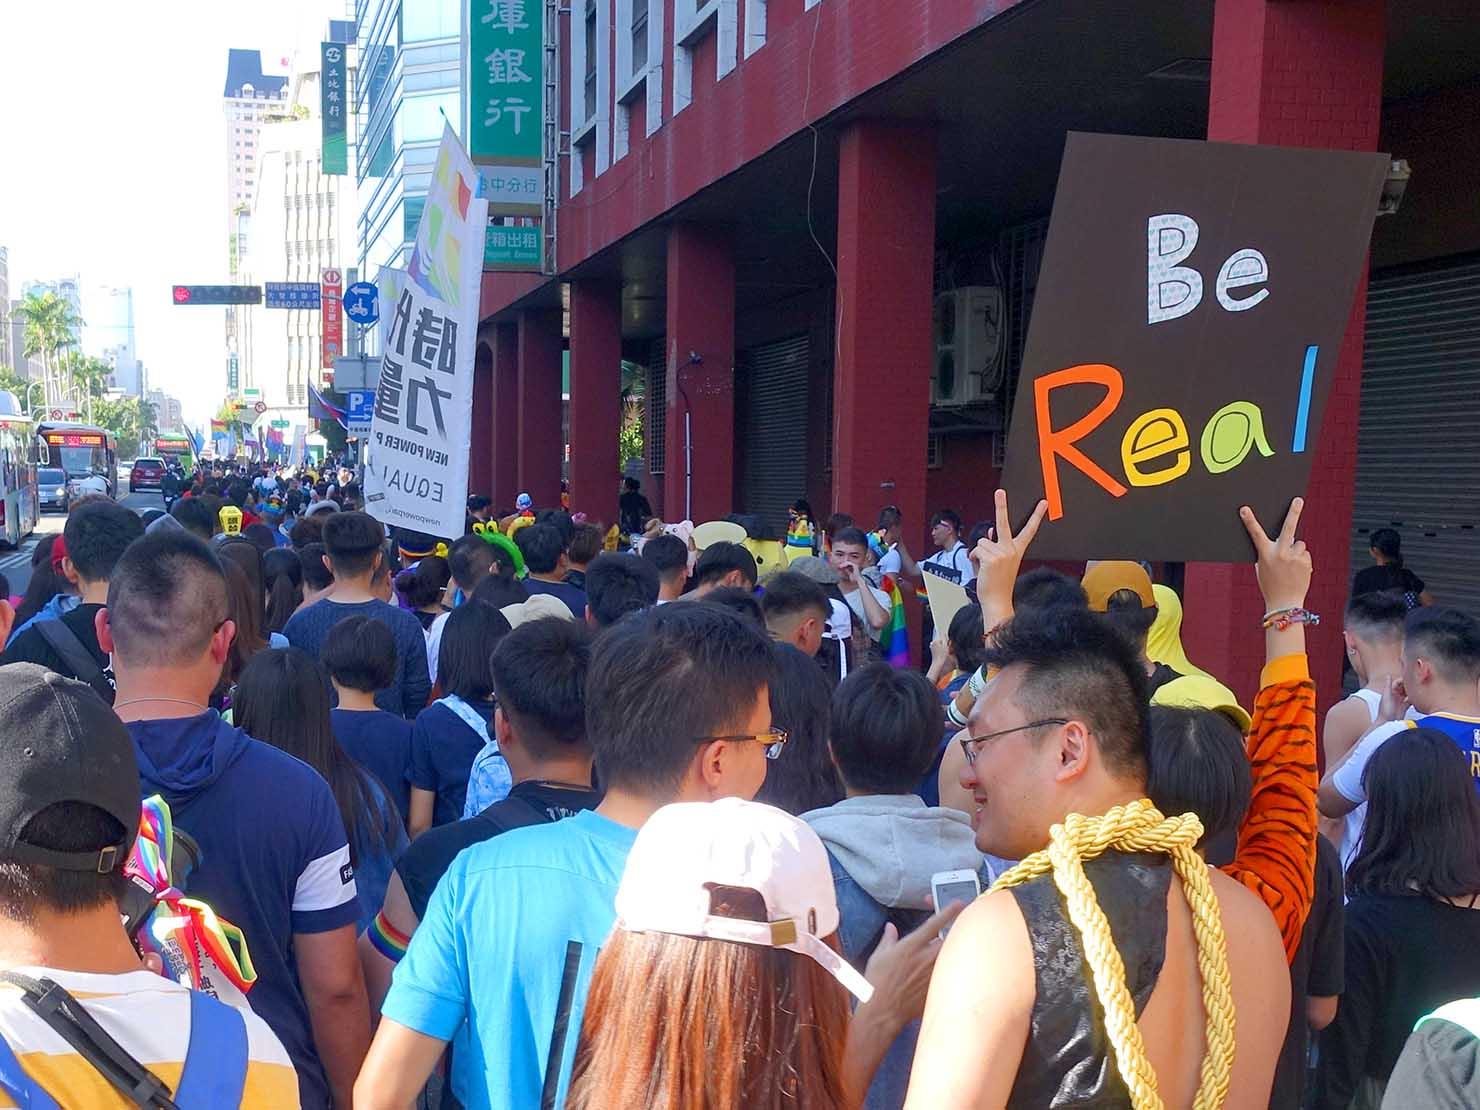 台中同志遊行(台中LGBTプライド)2019のパレードでプラカードを掲げる参加者